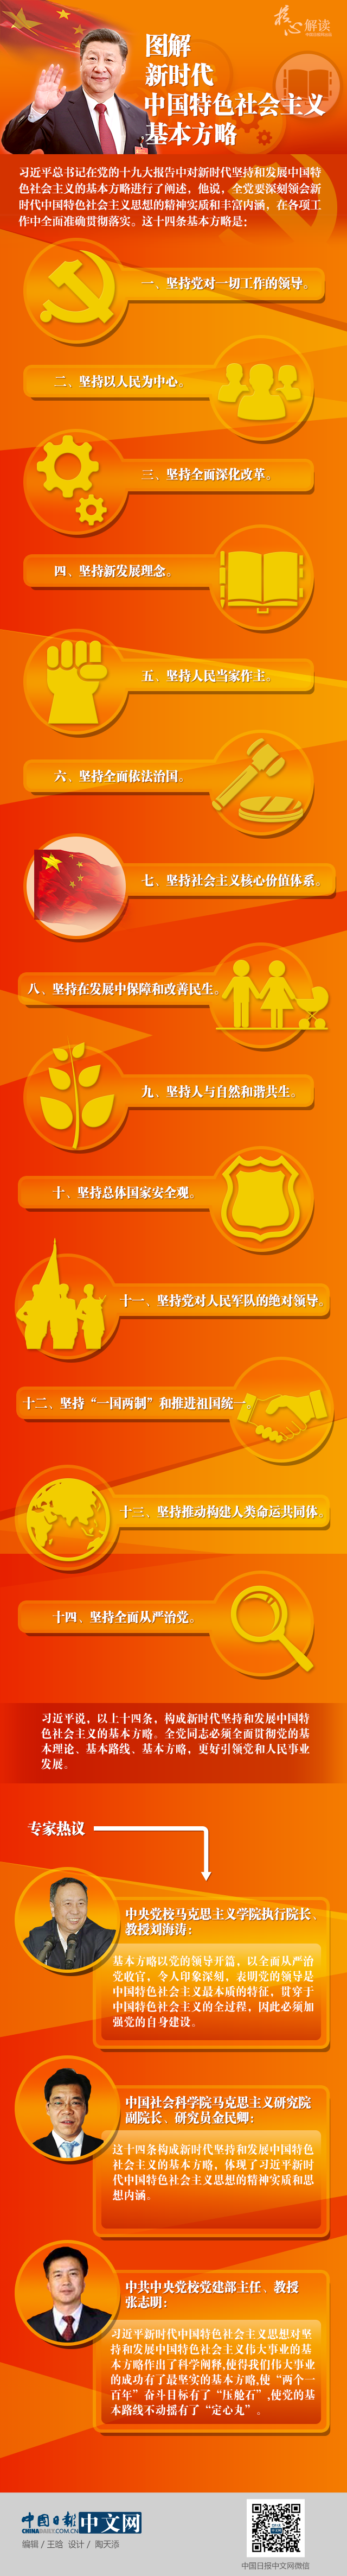 【理上网来·辉煌十九大】图解新时代中国特色社会主义基本方略